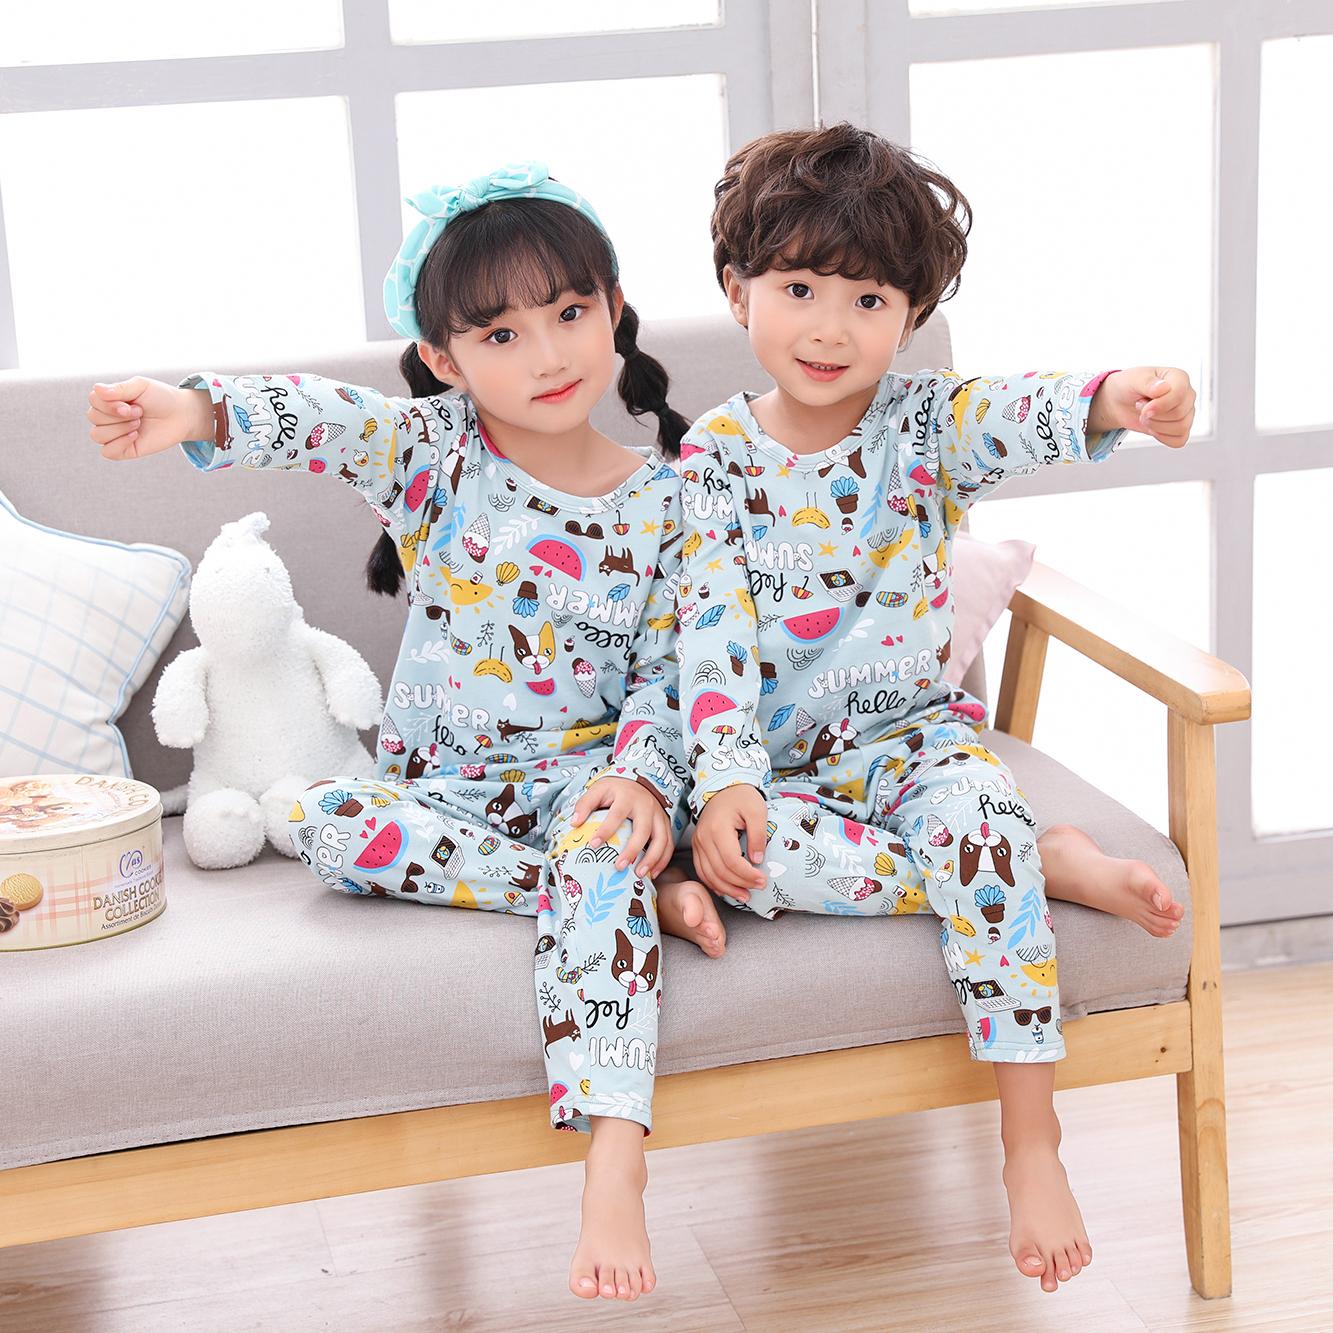 常常宅睡衣太阳狗 纯棉儿童春秋男女童长袖舒适卡通家居服套装